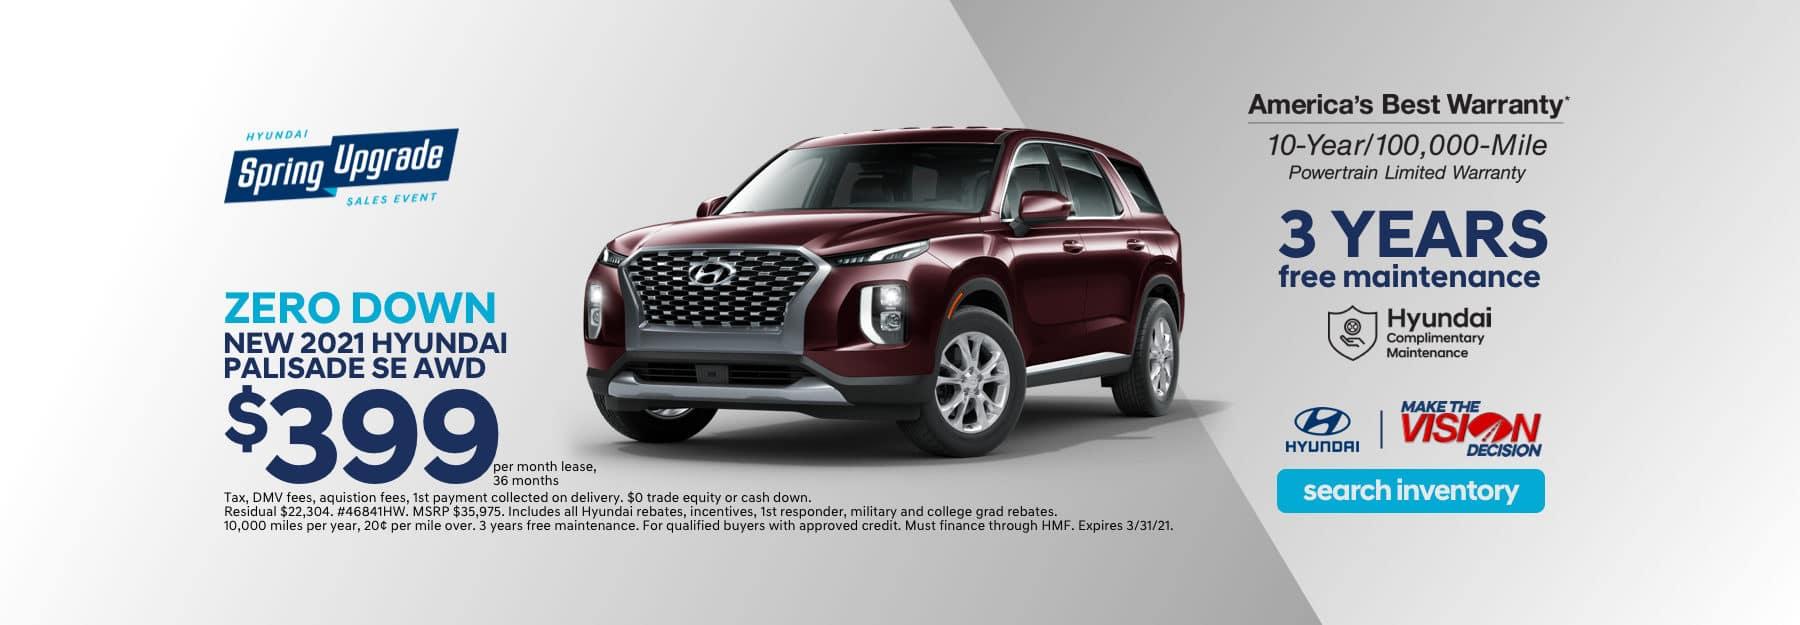 Vision-Hyundai-Sliders-0304-Palisade